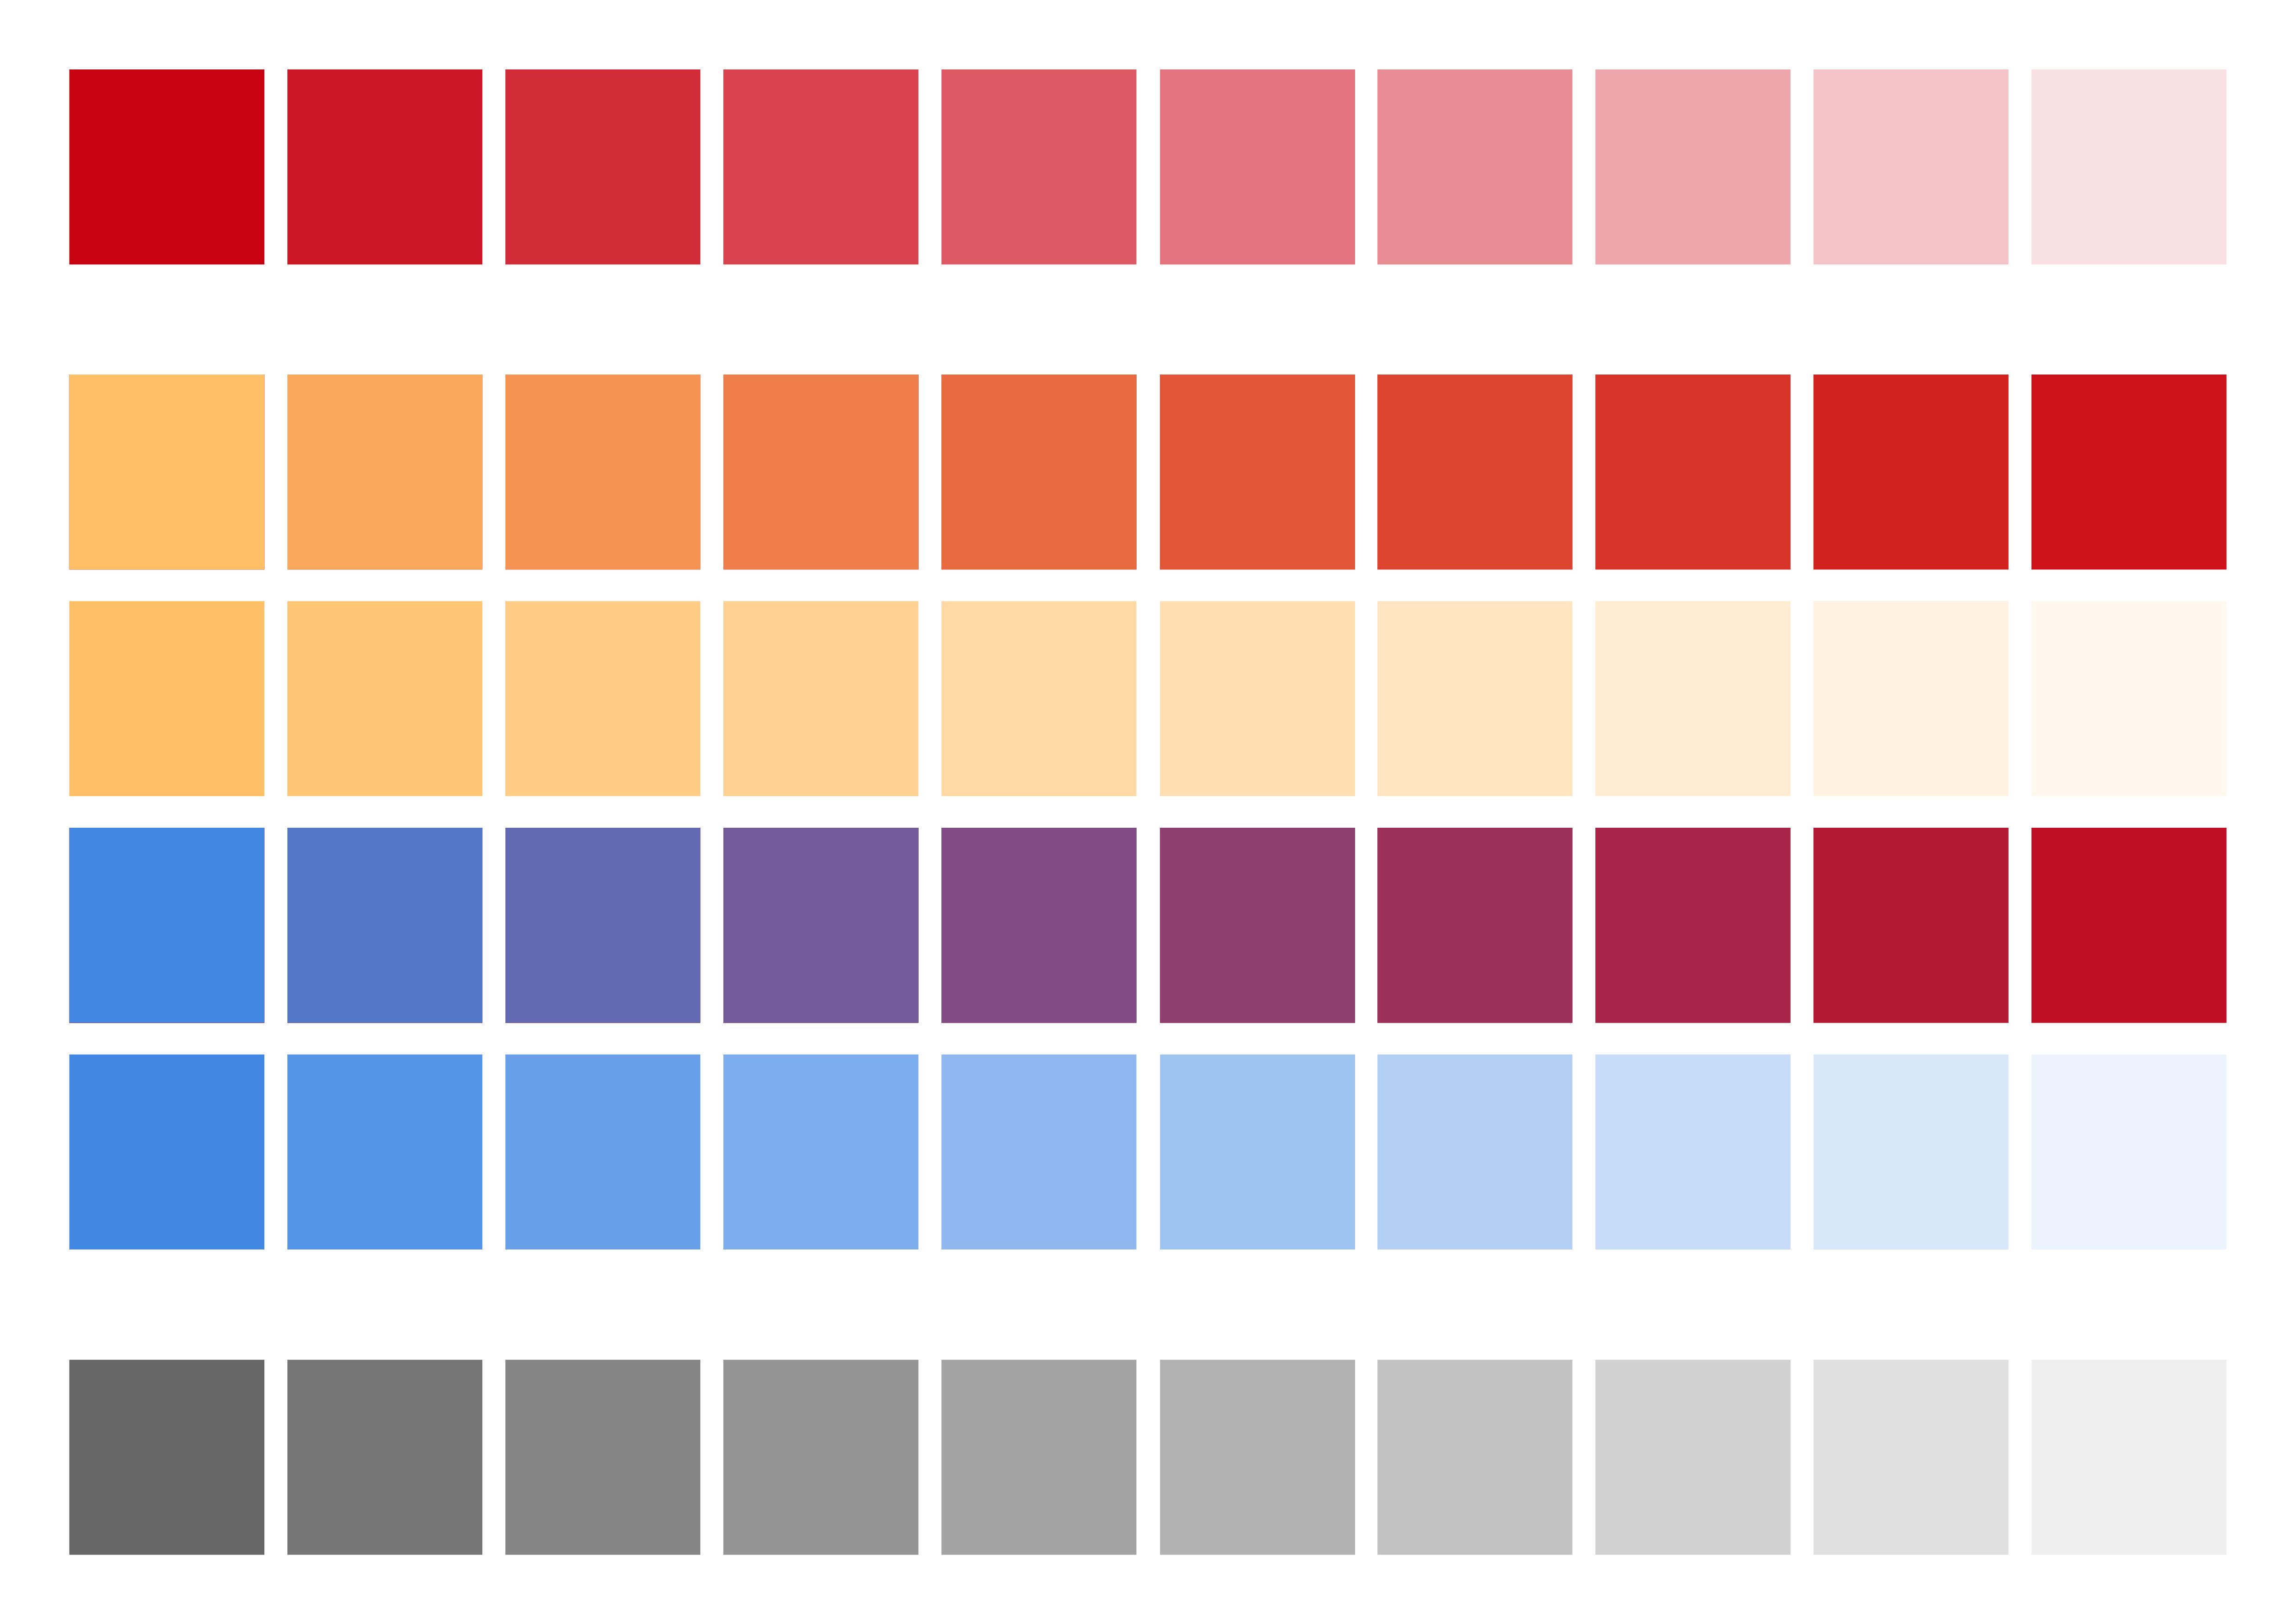 Couleur Avec Du Rouge gamme des couleurs : gamme réalisée lors de la qualification